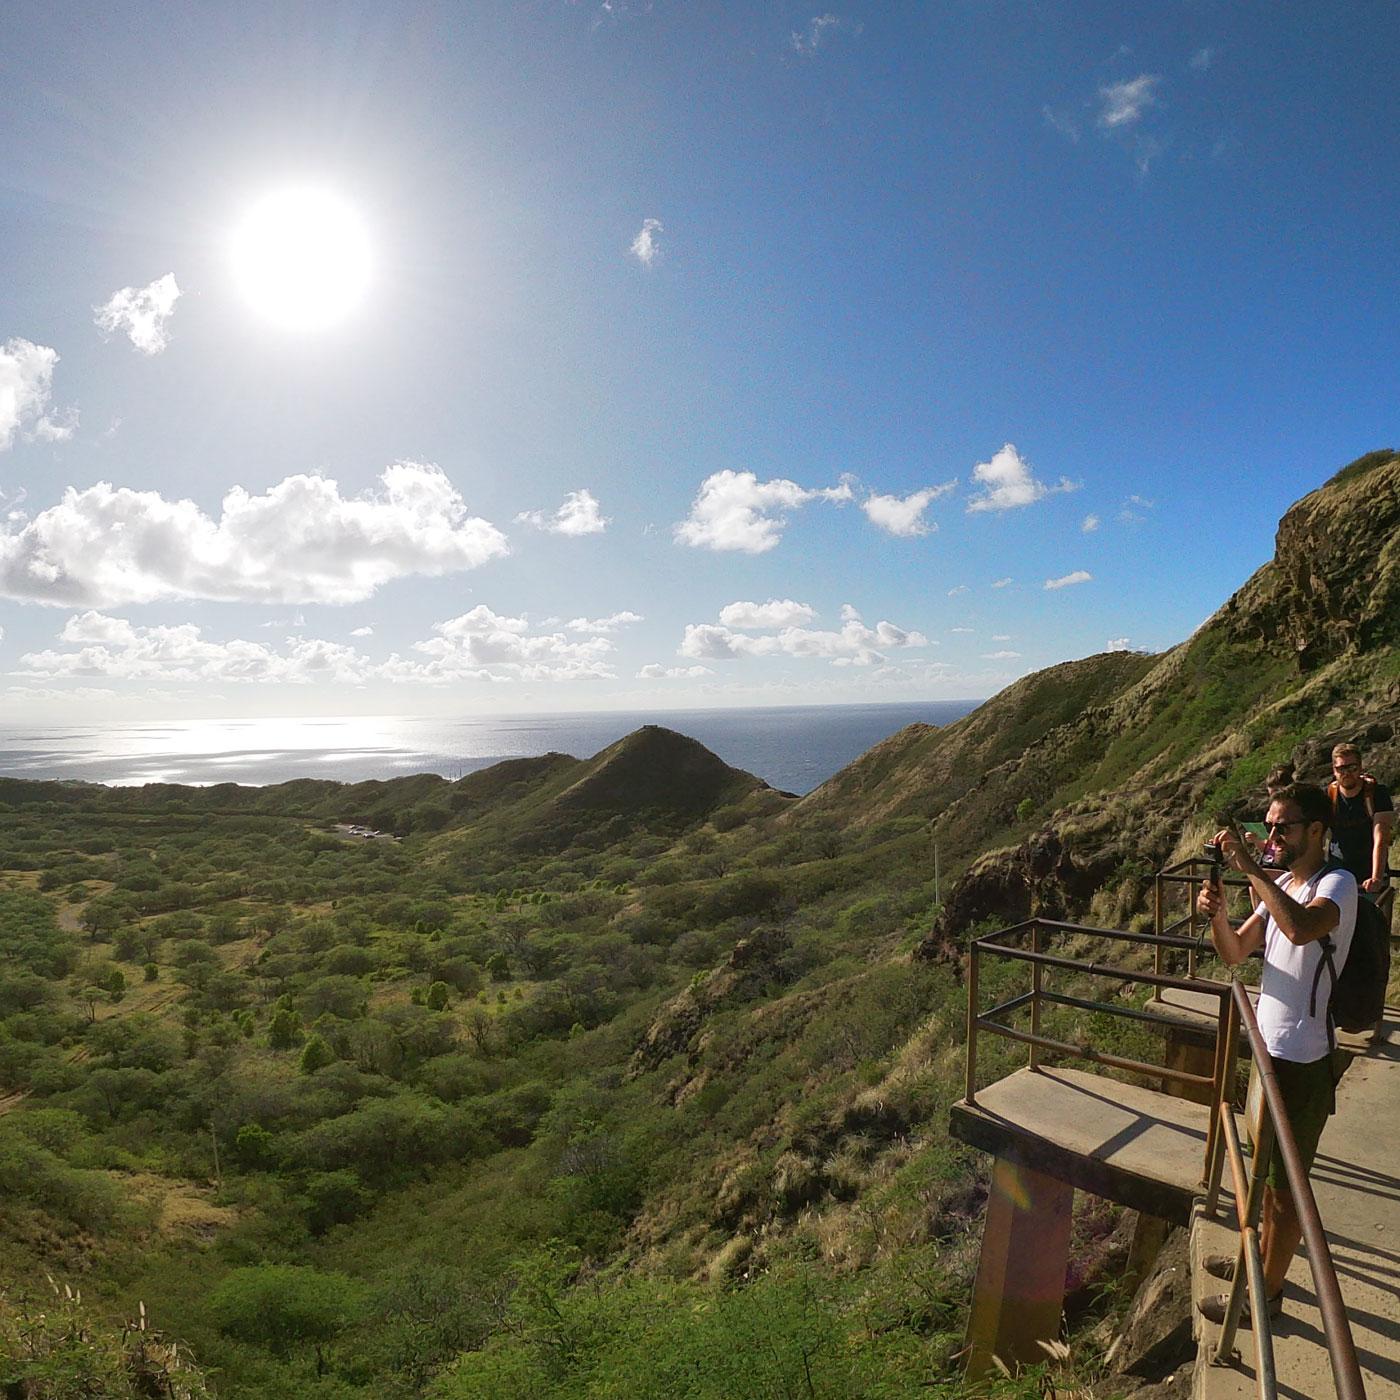 ハワイ旅行 10月 3日目 ダイヤモンドヘッド ワイキキビーチ